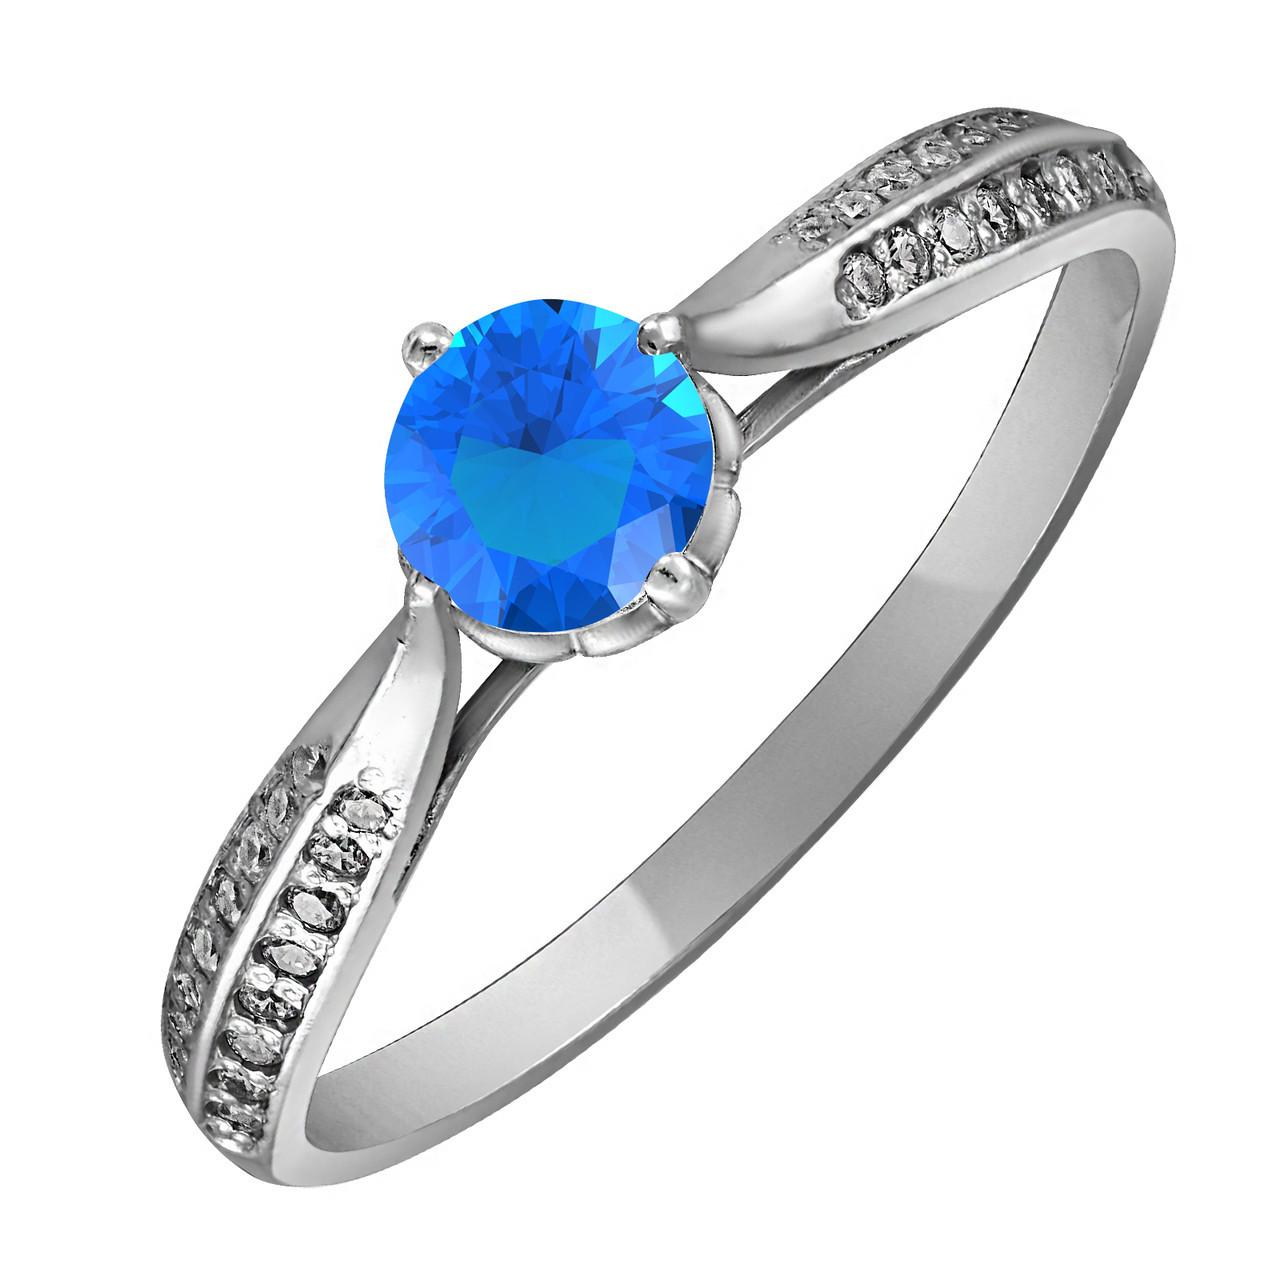 Кольцо из серебра с голубым цирконием Twiddle Jewelry 17.0 (К007г-17.0)